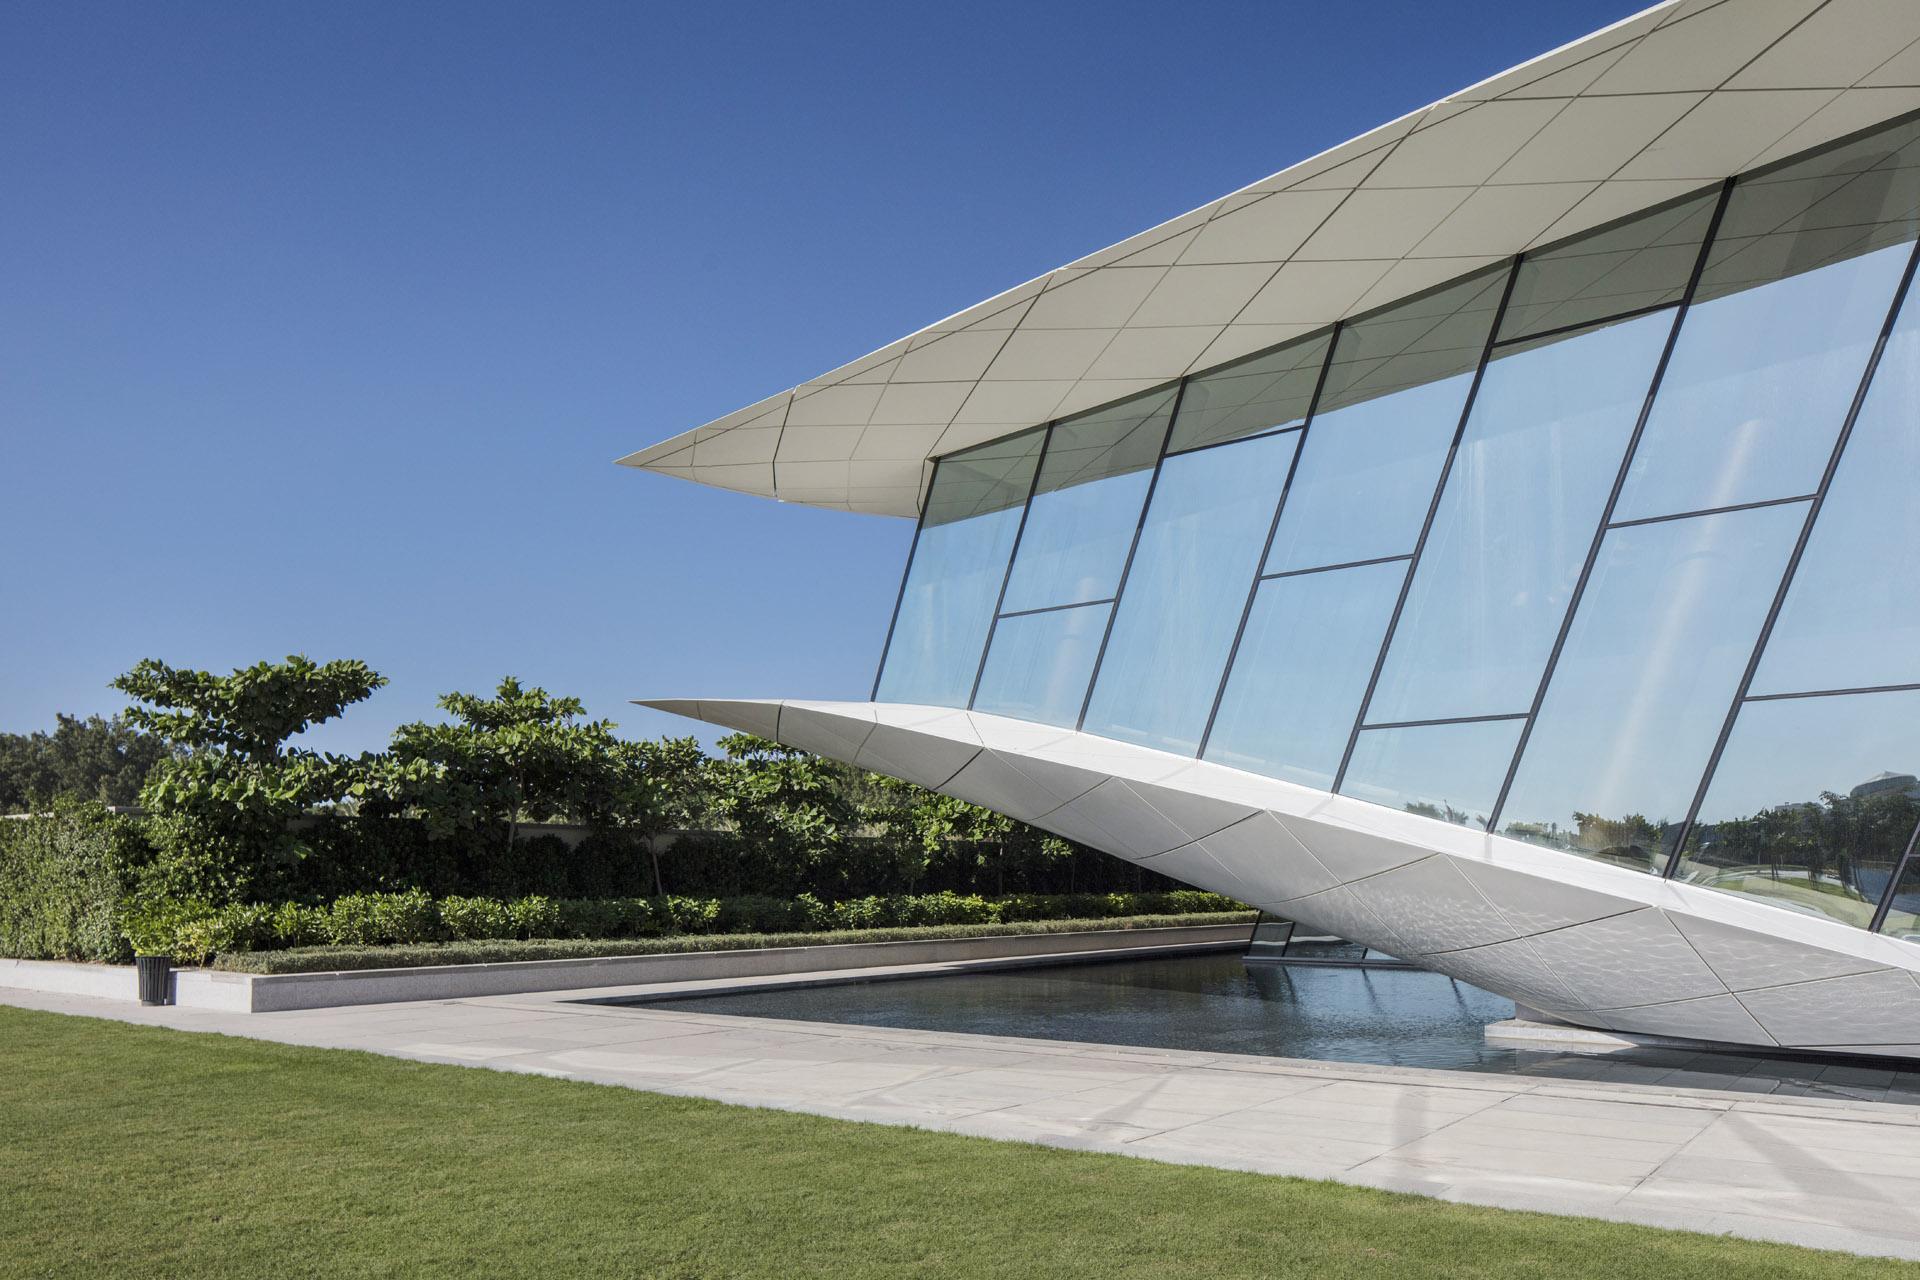 FL111 3 1 - ETIHAD MUSEUM